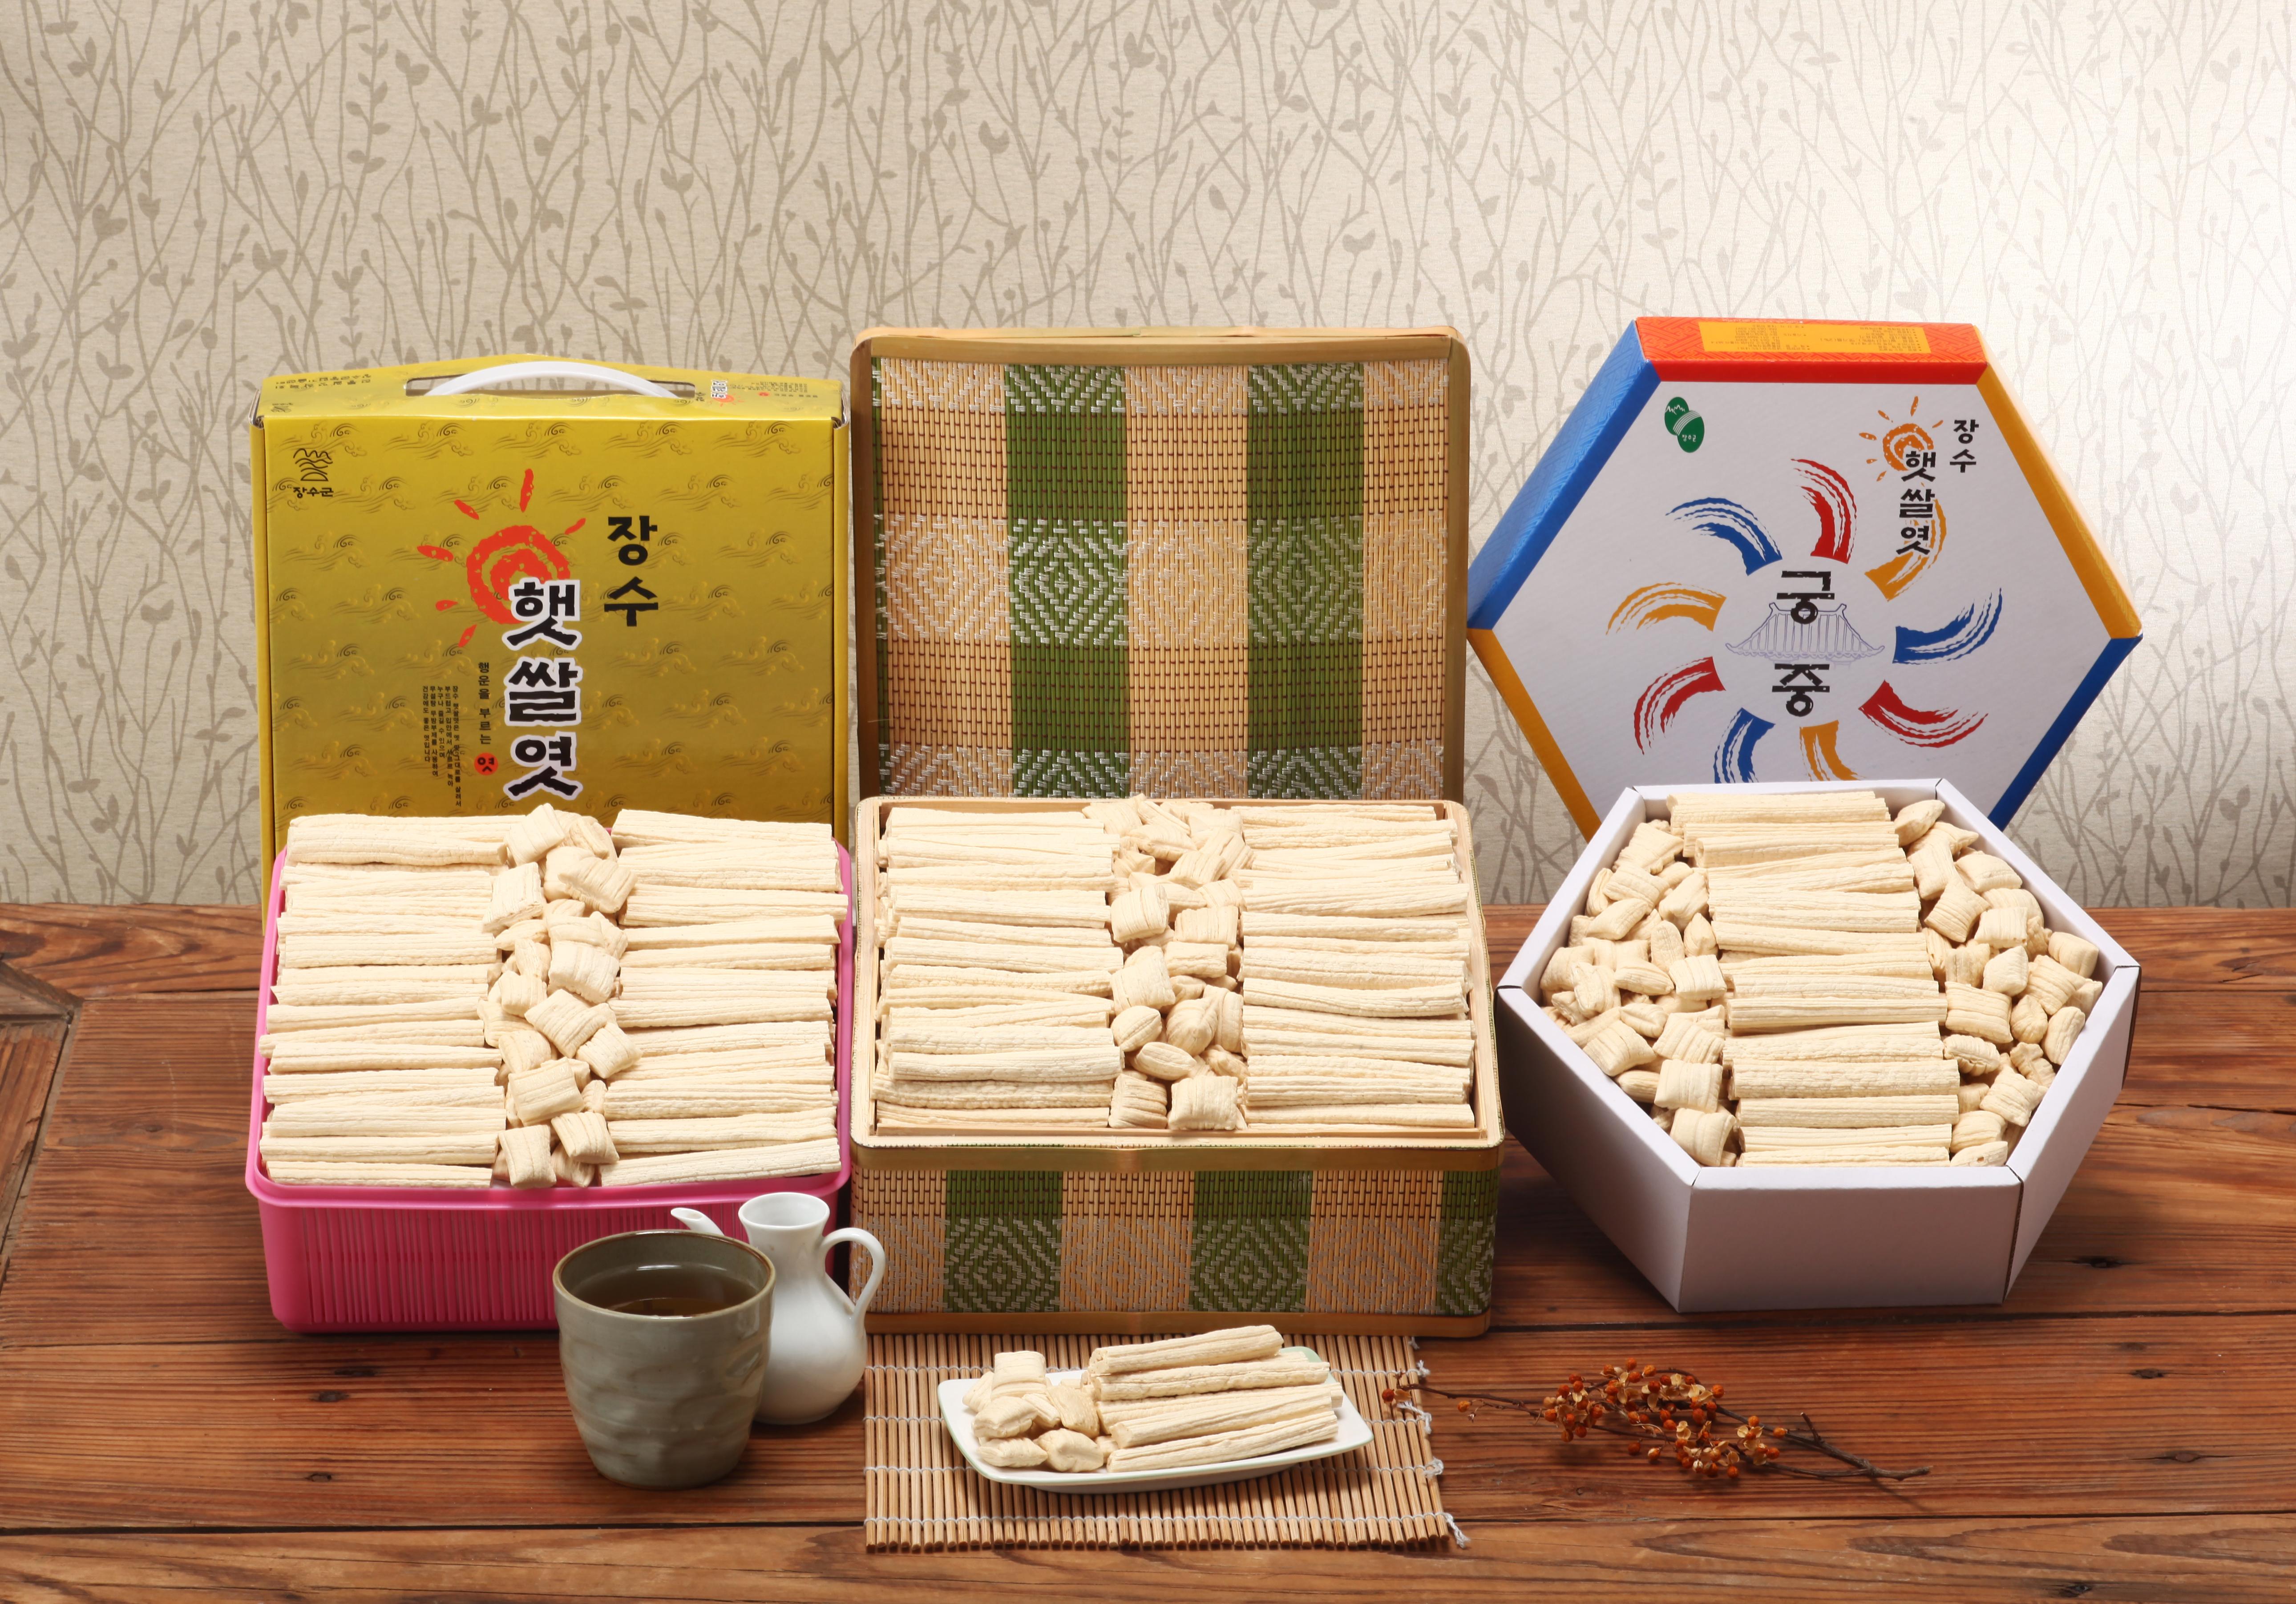 장수 쌀엿,전라북도 장수군,지역특산물